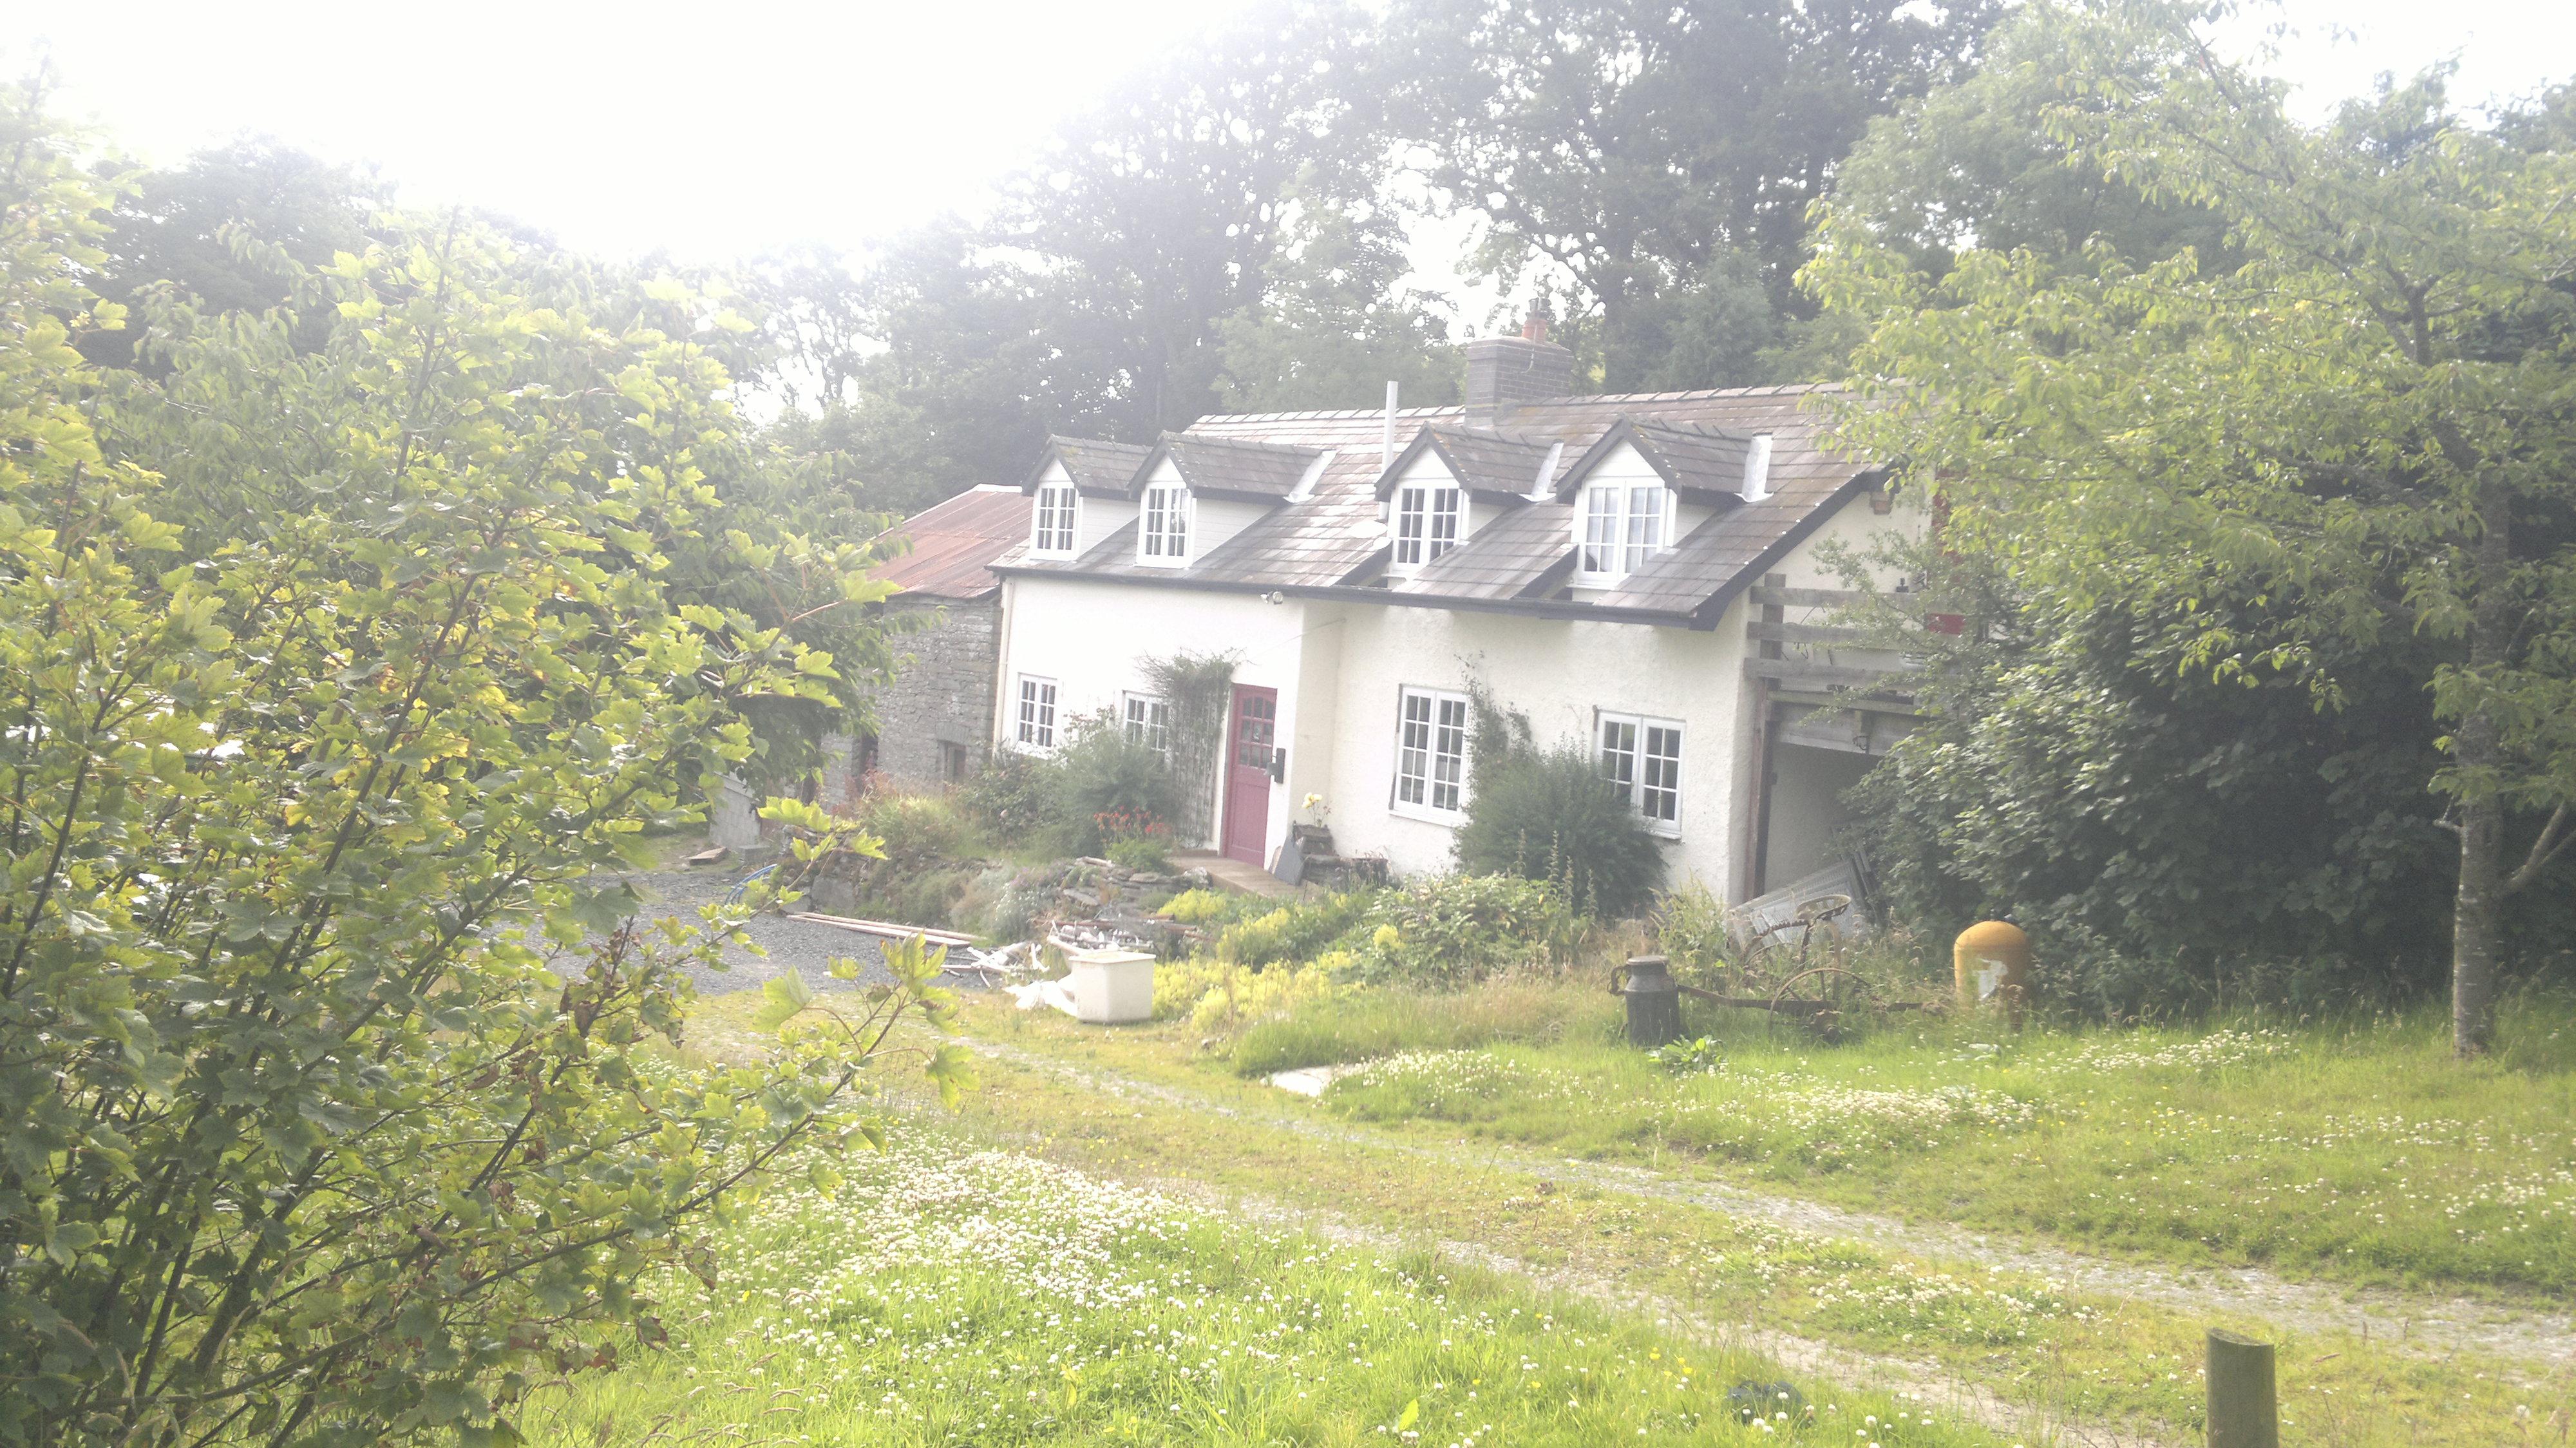 Rhayader, Llandrindod wells, Wales - Walls & Roof